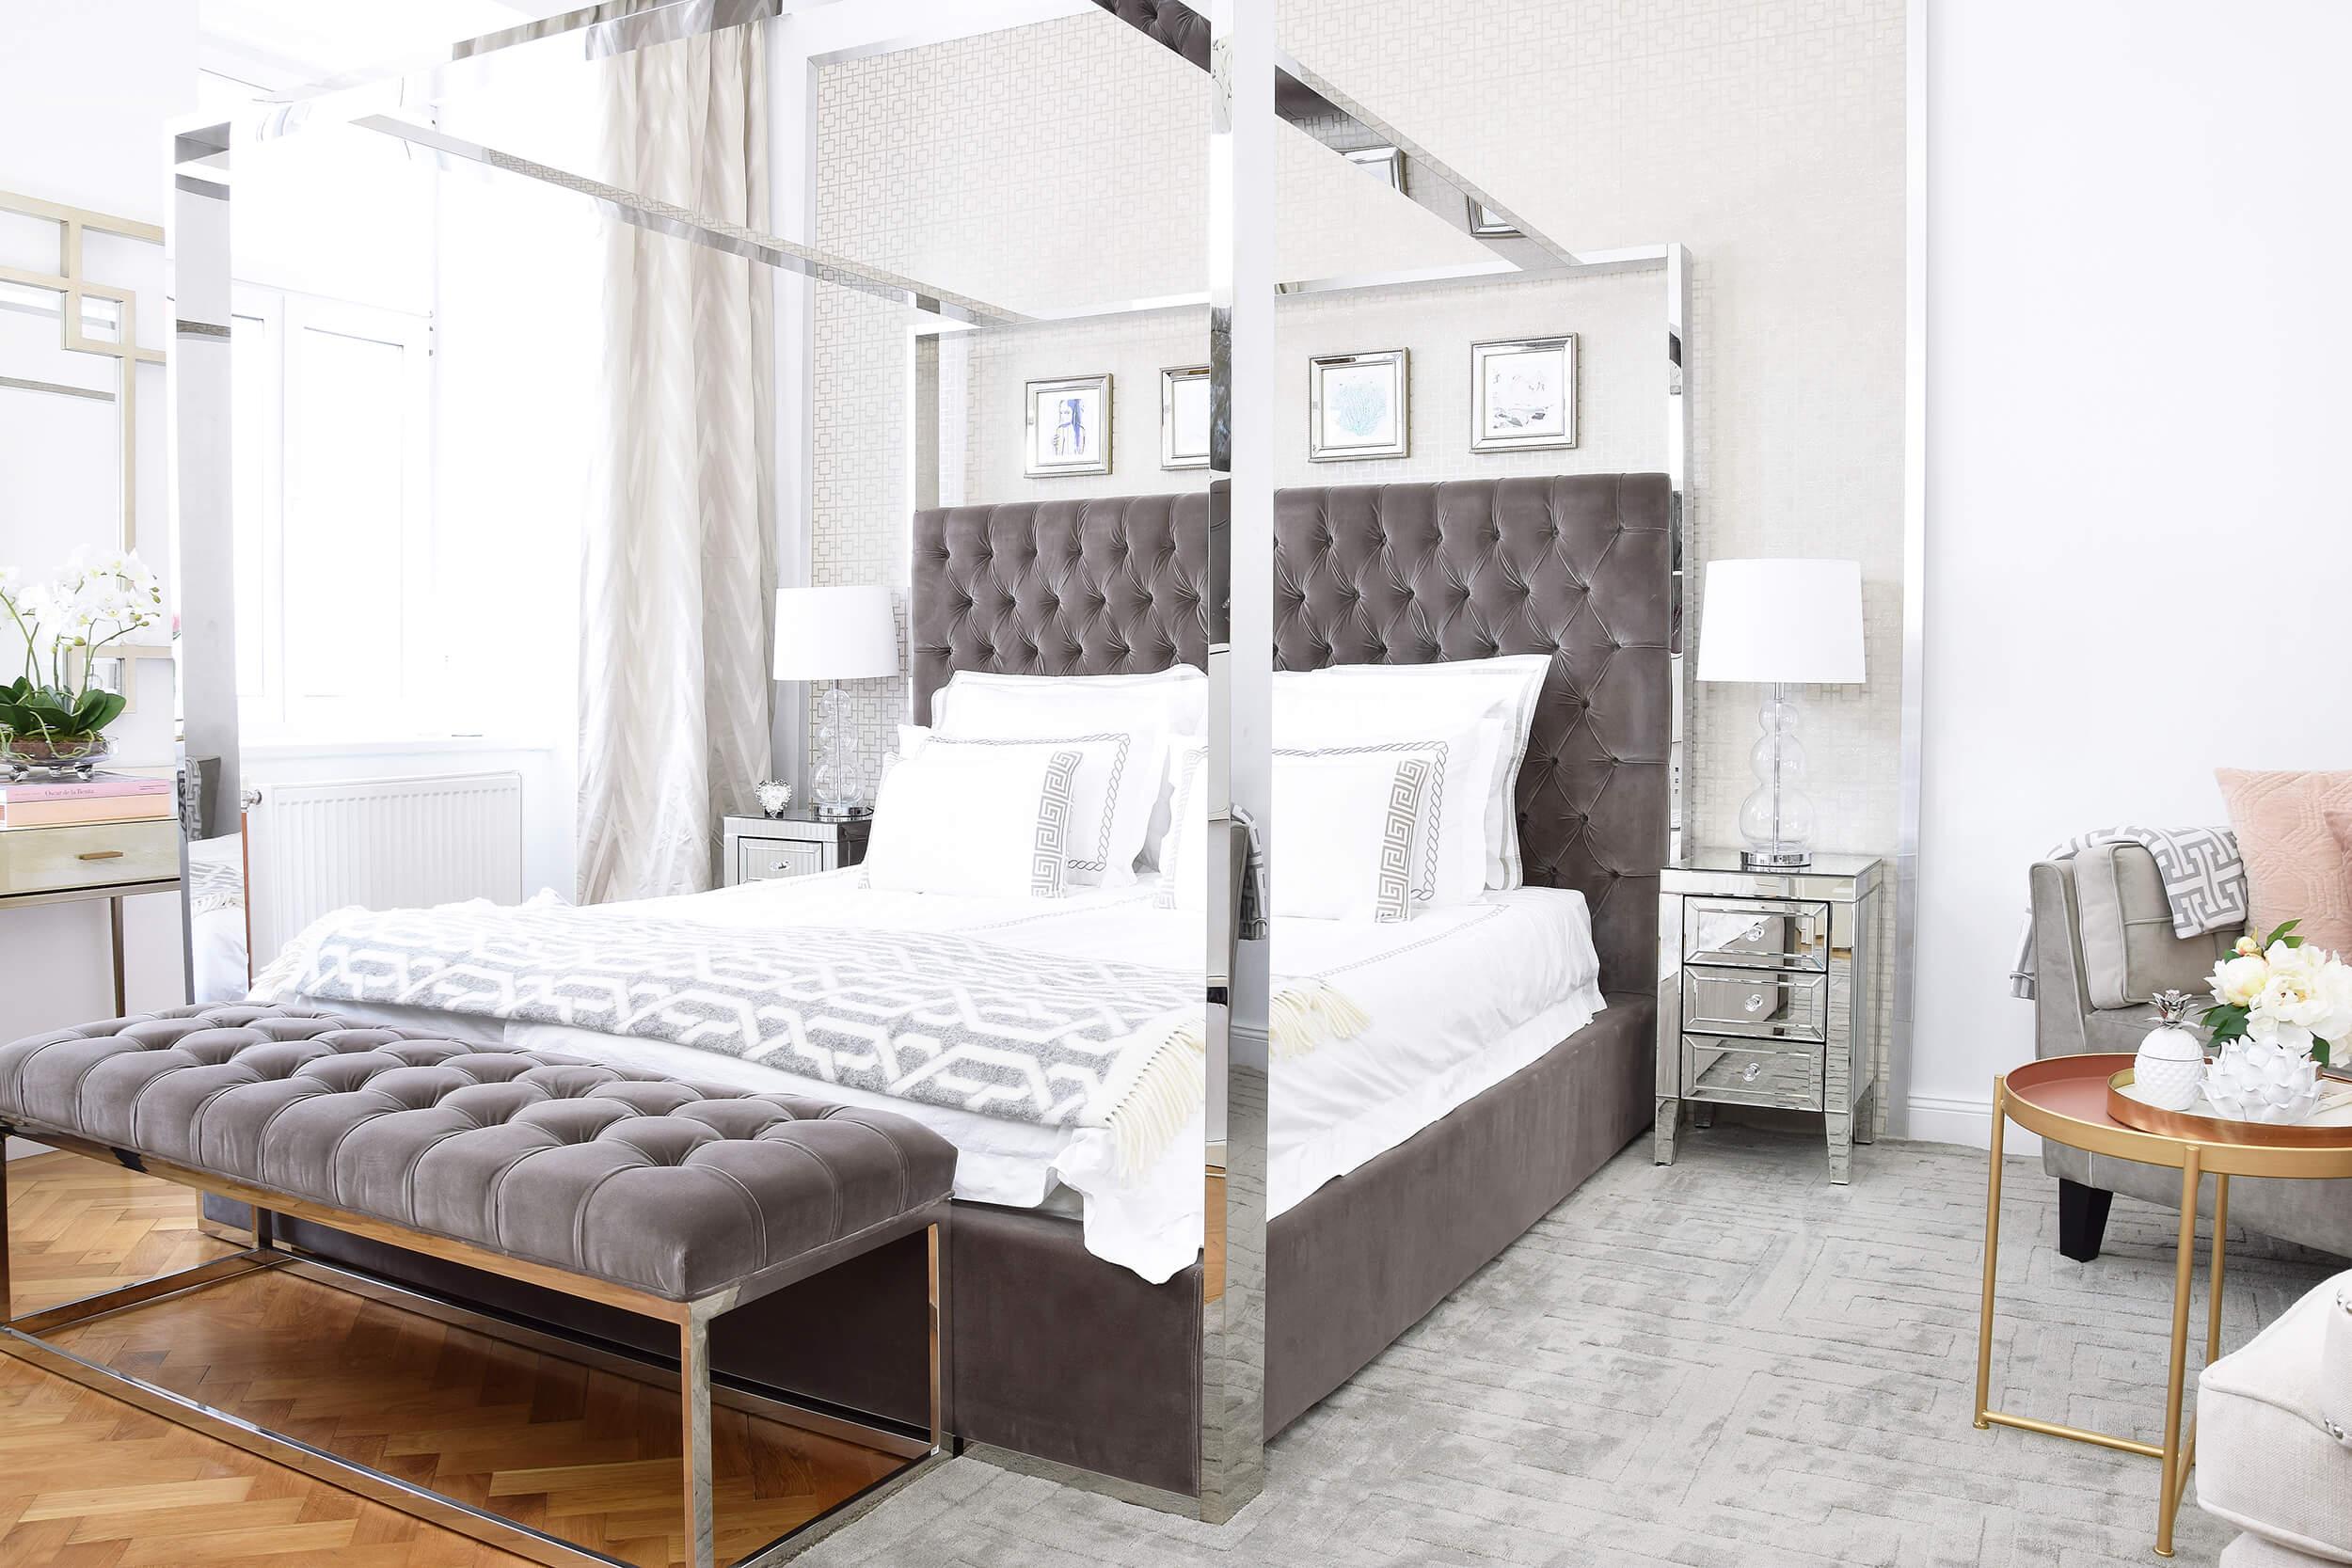 Labellda's Schlafzimmer & Ankleidezimmer Homestory